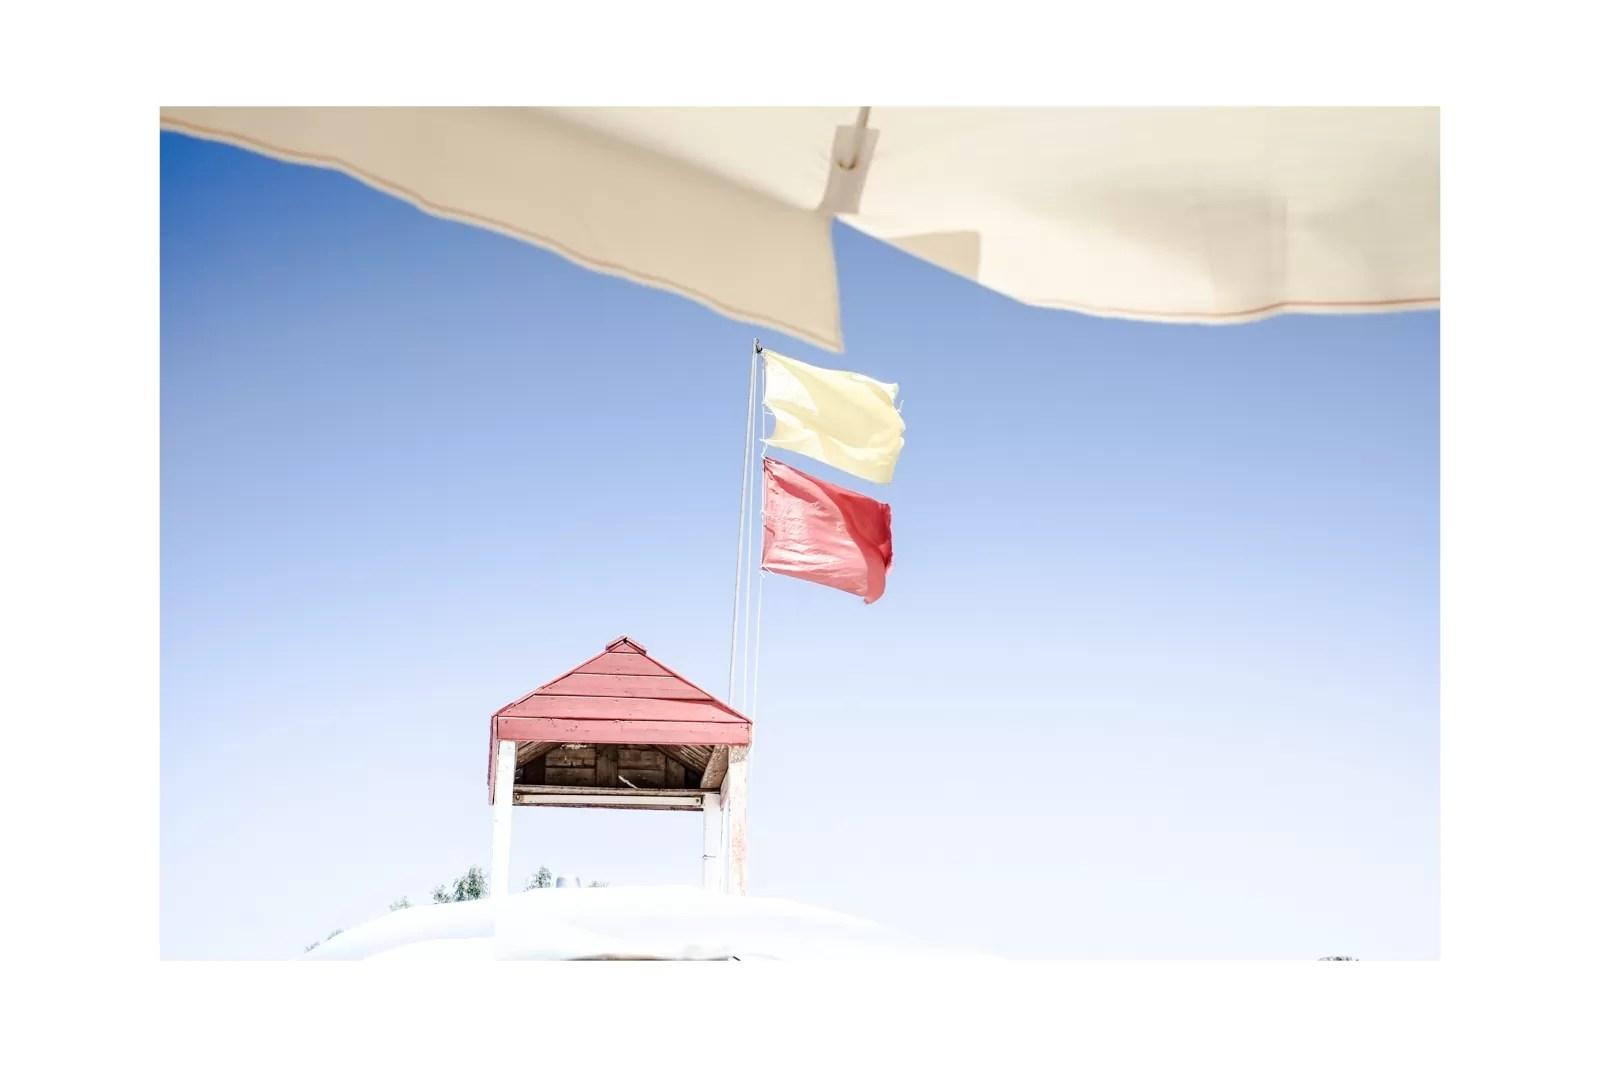 DSCF1520 - Immobili sotto il caldo sole di sicilia - fotostreet.it